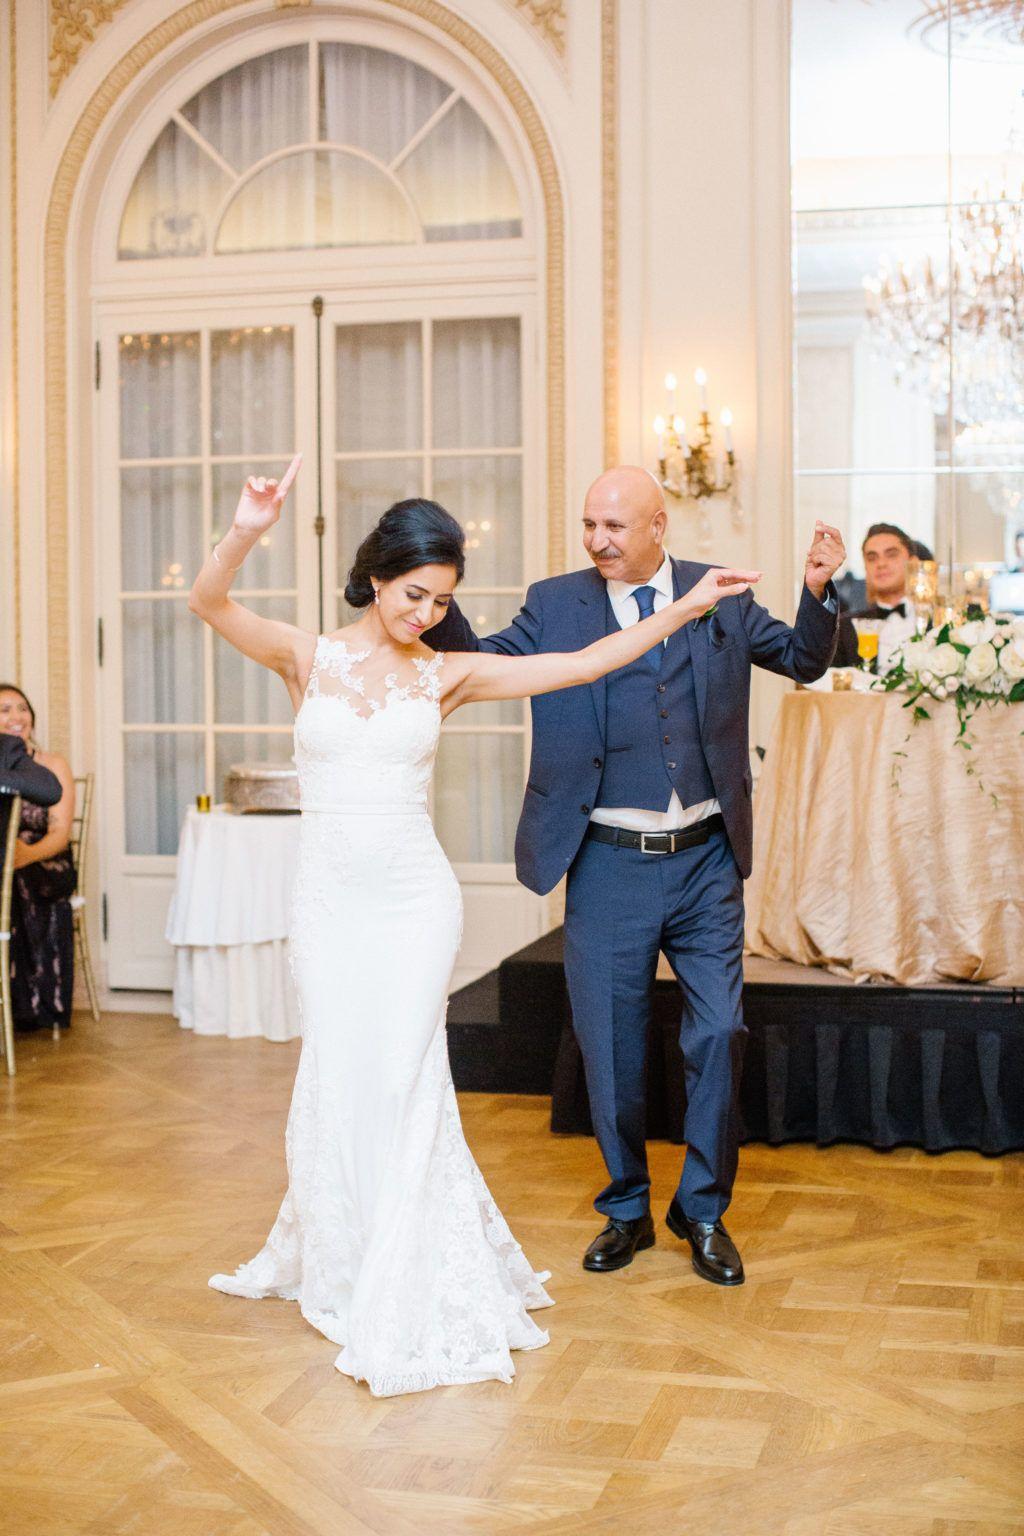 San Diego Wedding Planner Coordinator San Diego Wedding Sophisticated Wedding Wedding Inspiration